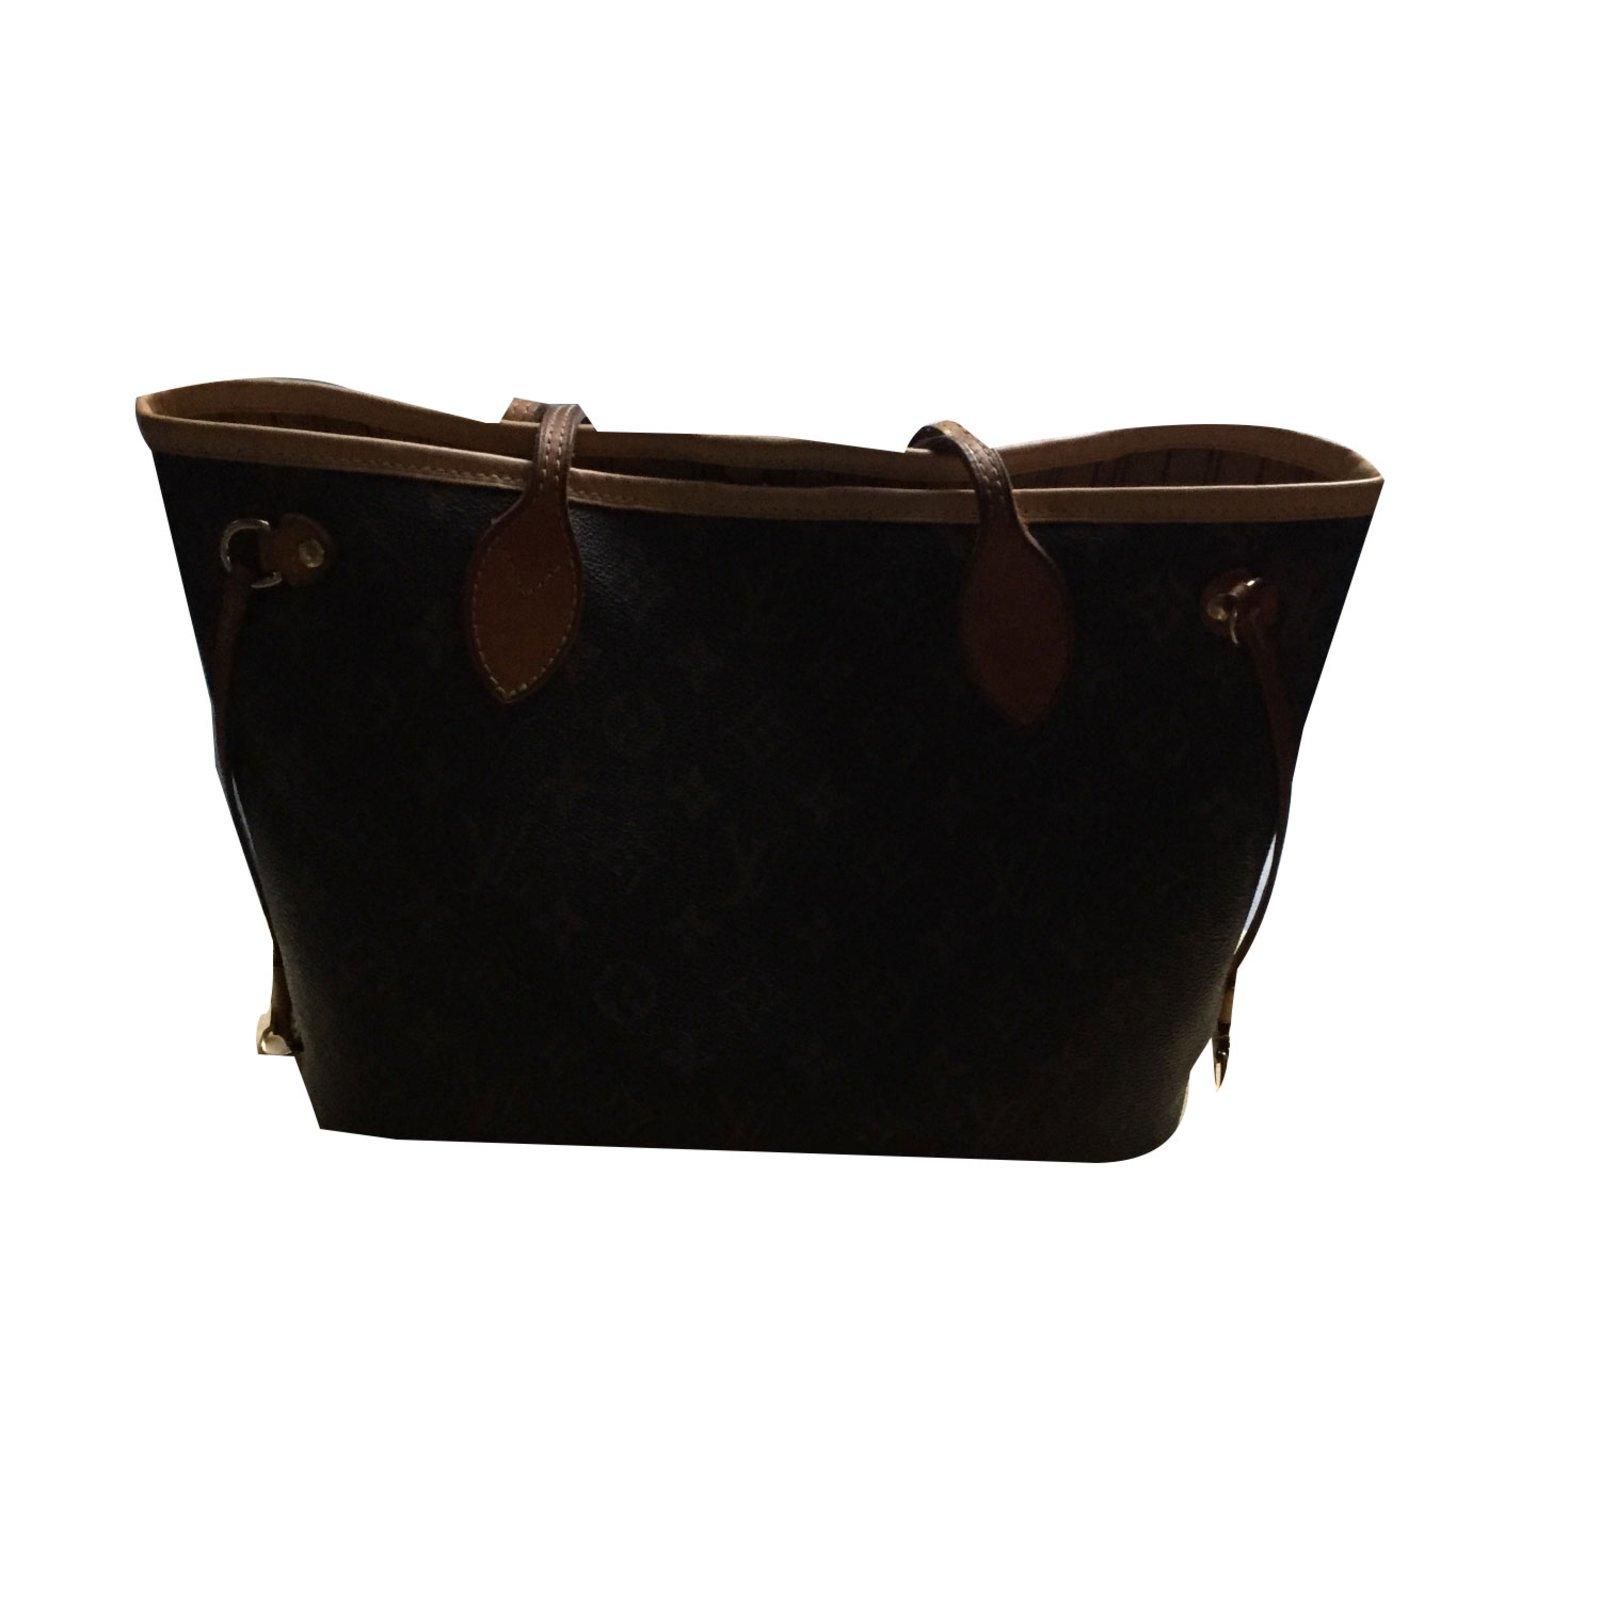 93ff767778c6 Louis Vuitton Neverfull pm Handbags Cloth Dark brown ref.46848 ...